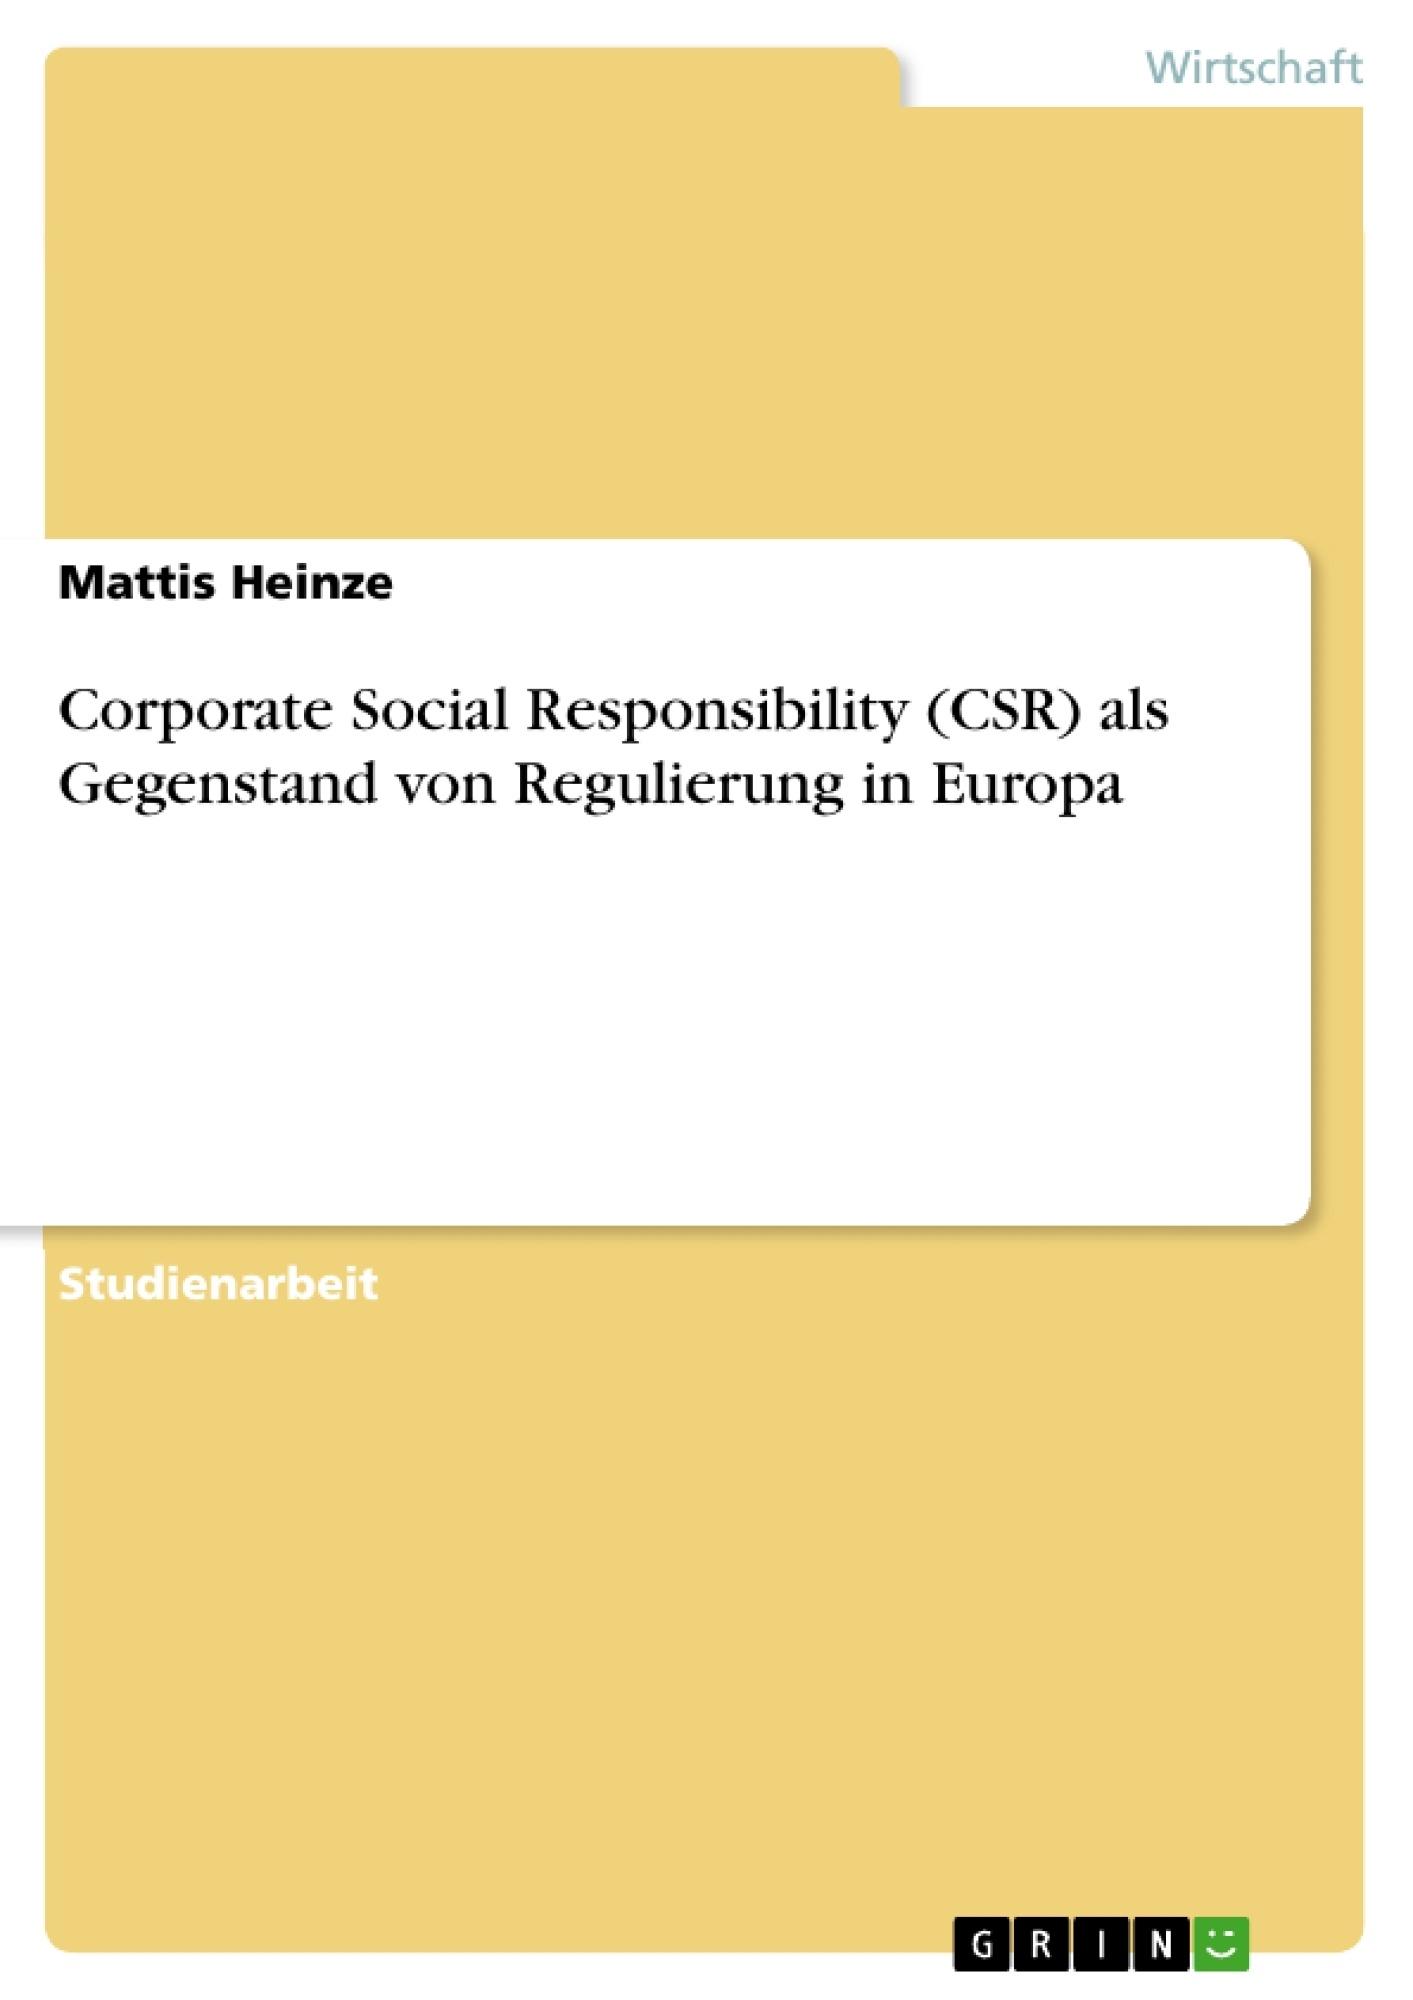 Titel: Corporate Social Responsibility (CSR) als Gegenstand von Regulierung in Europa